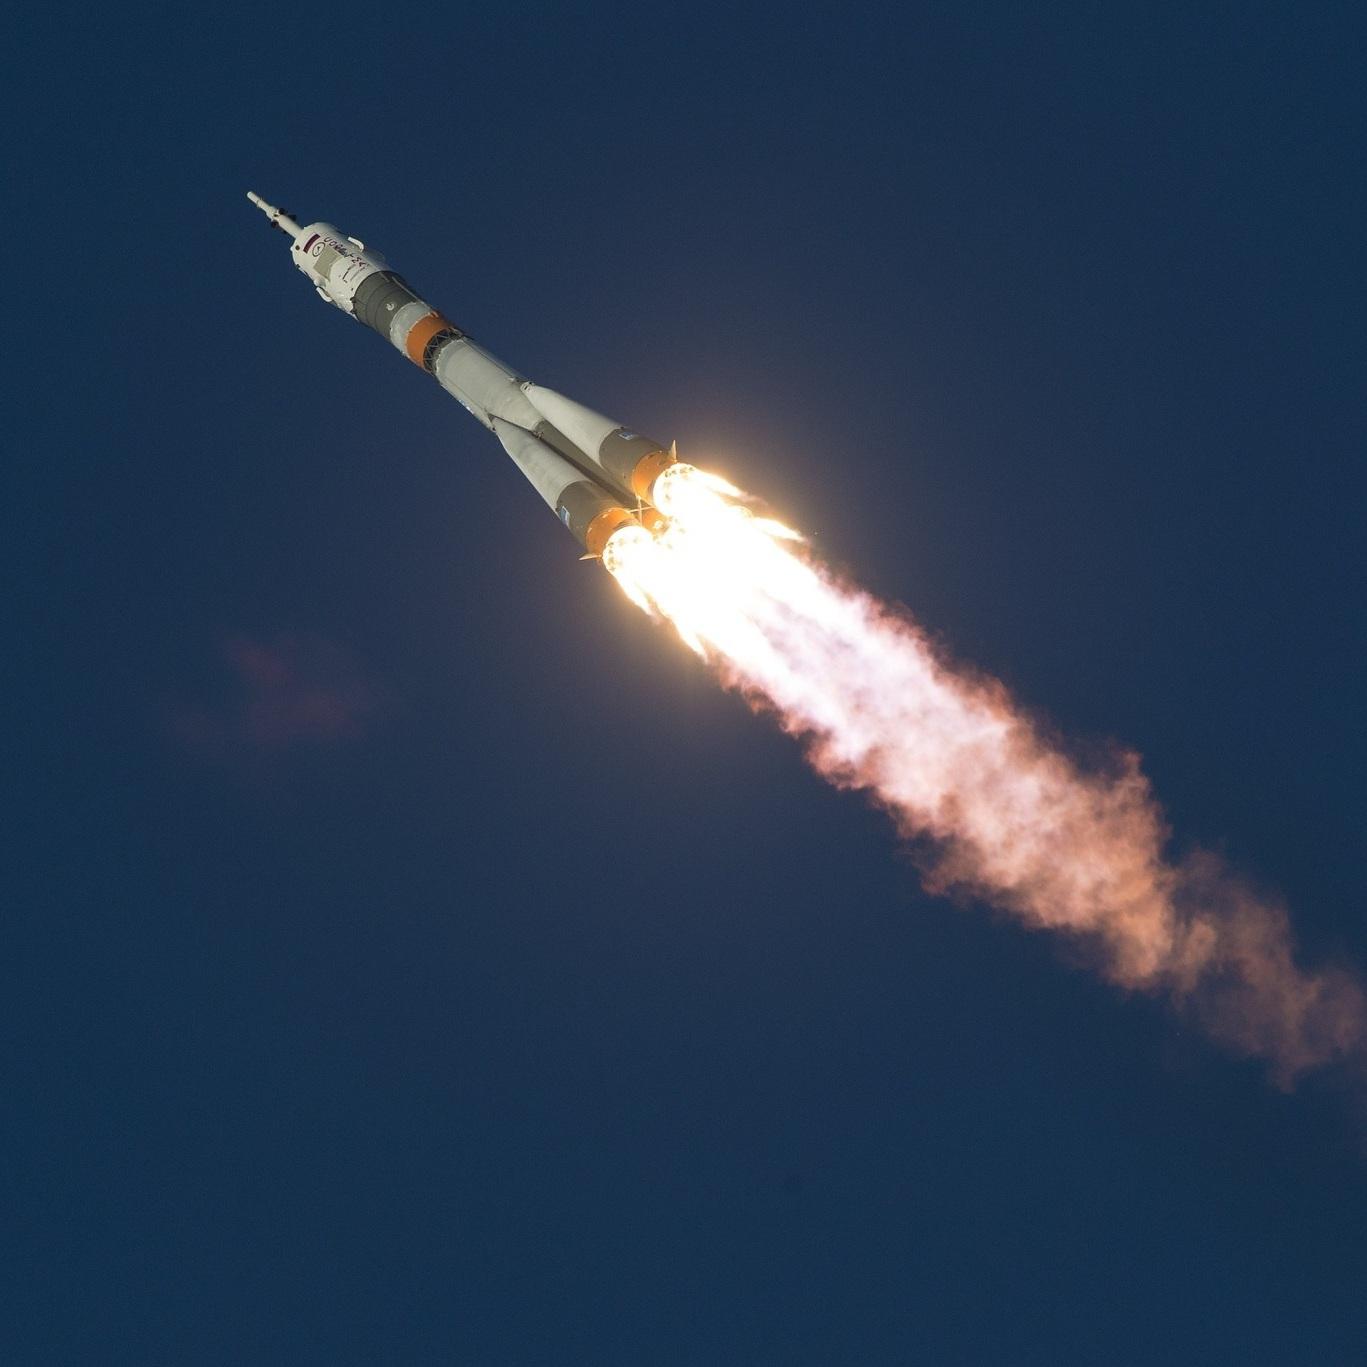 qdro_rocket